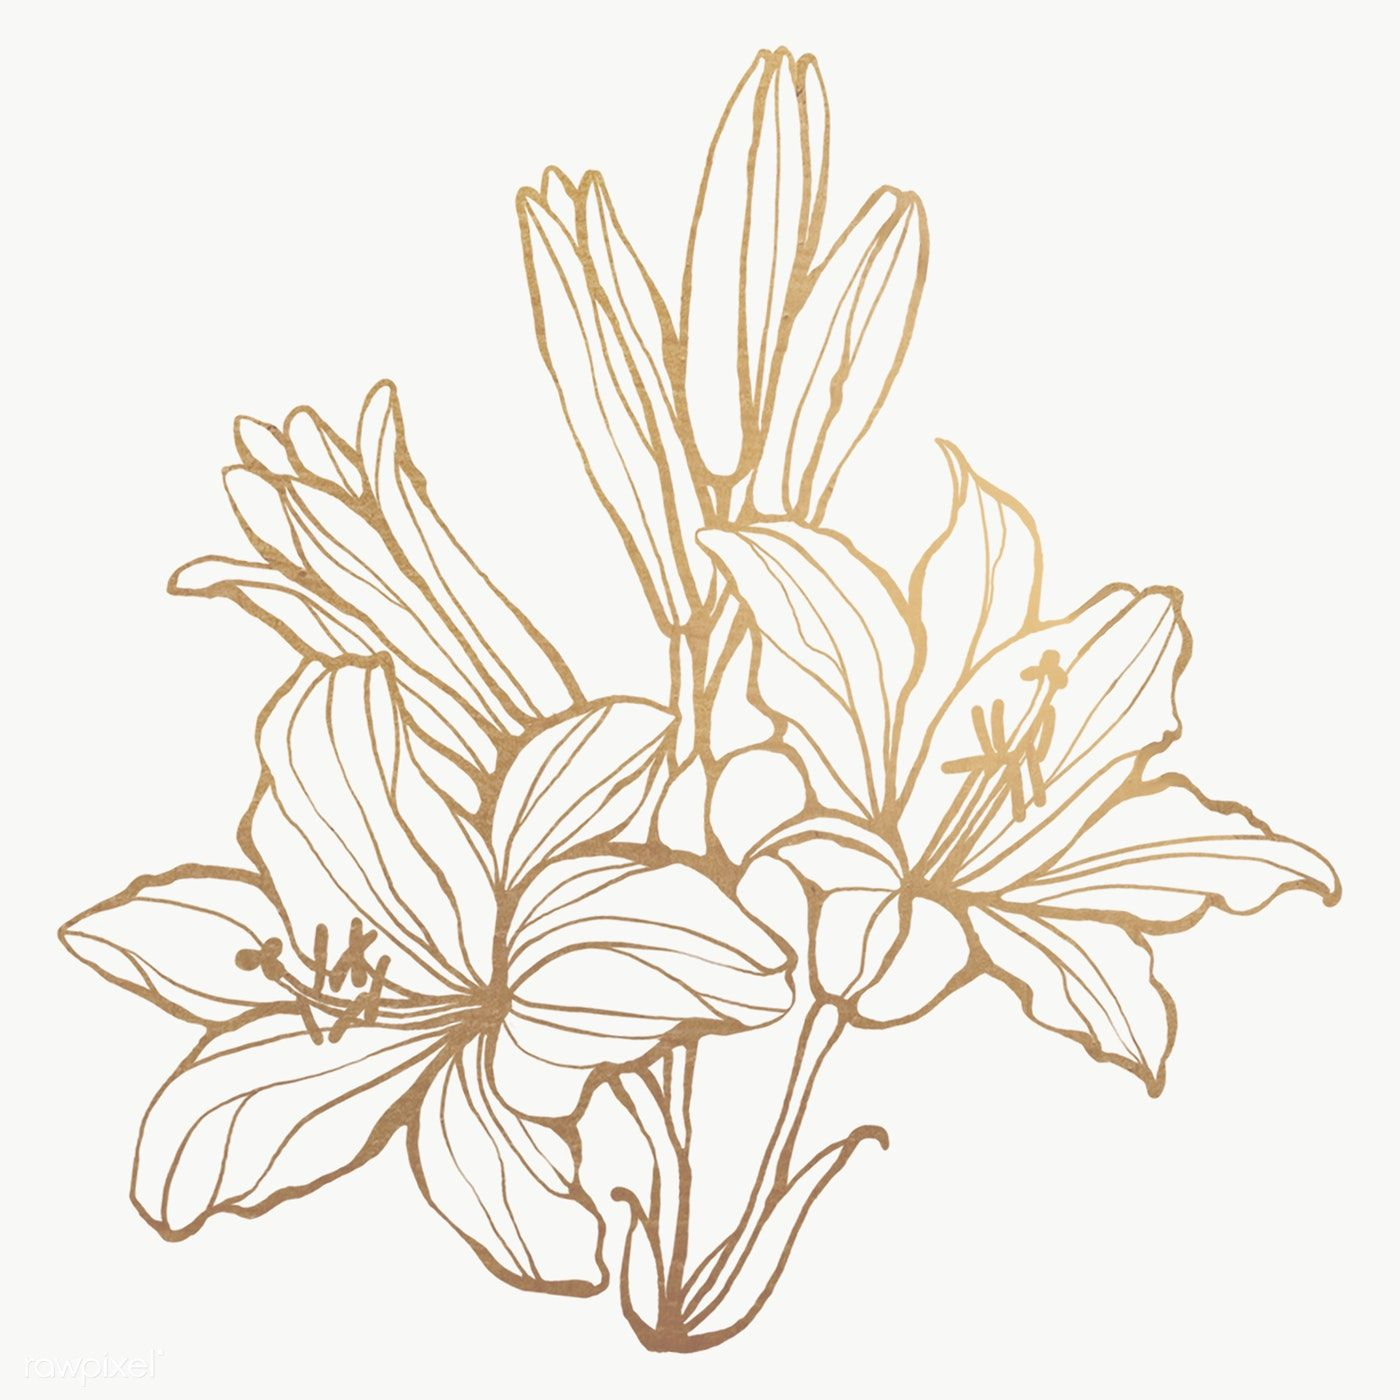 Gold Floral Outline Transparent Png Premium Image By Rawpixel Com Nunny Line Art Flowers Leaf Outline Flower Outline